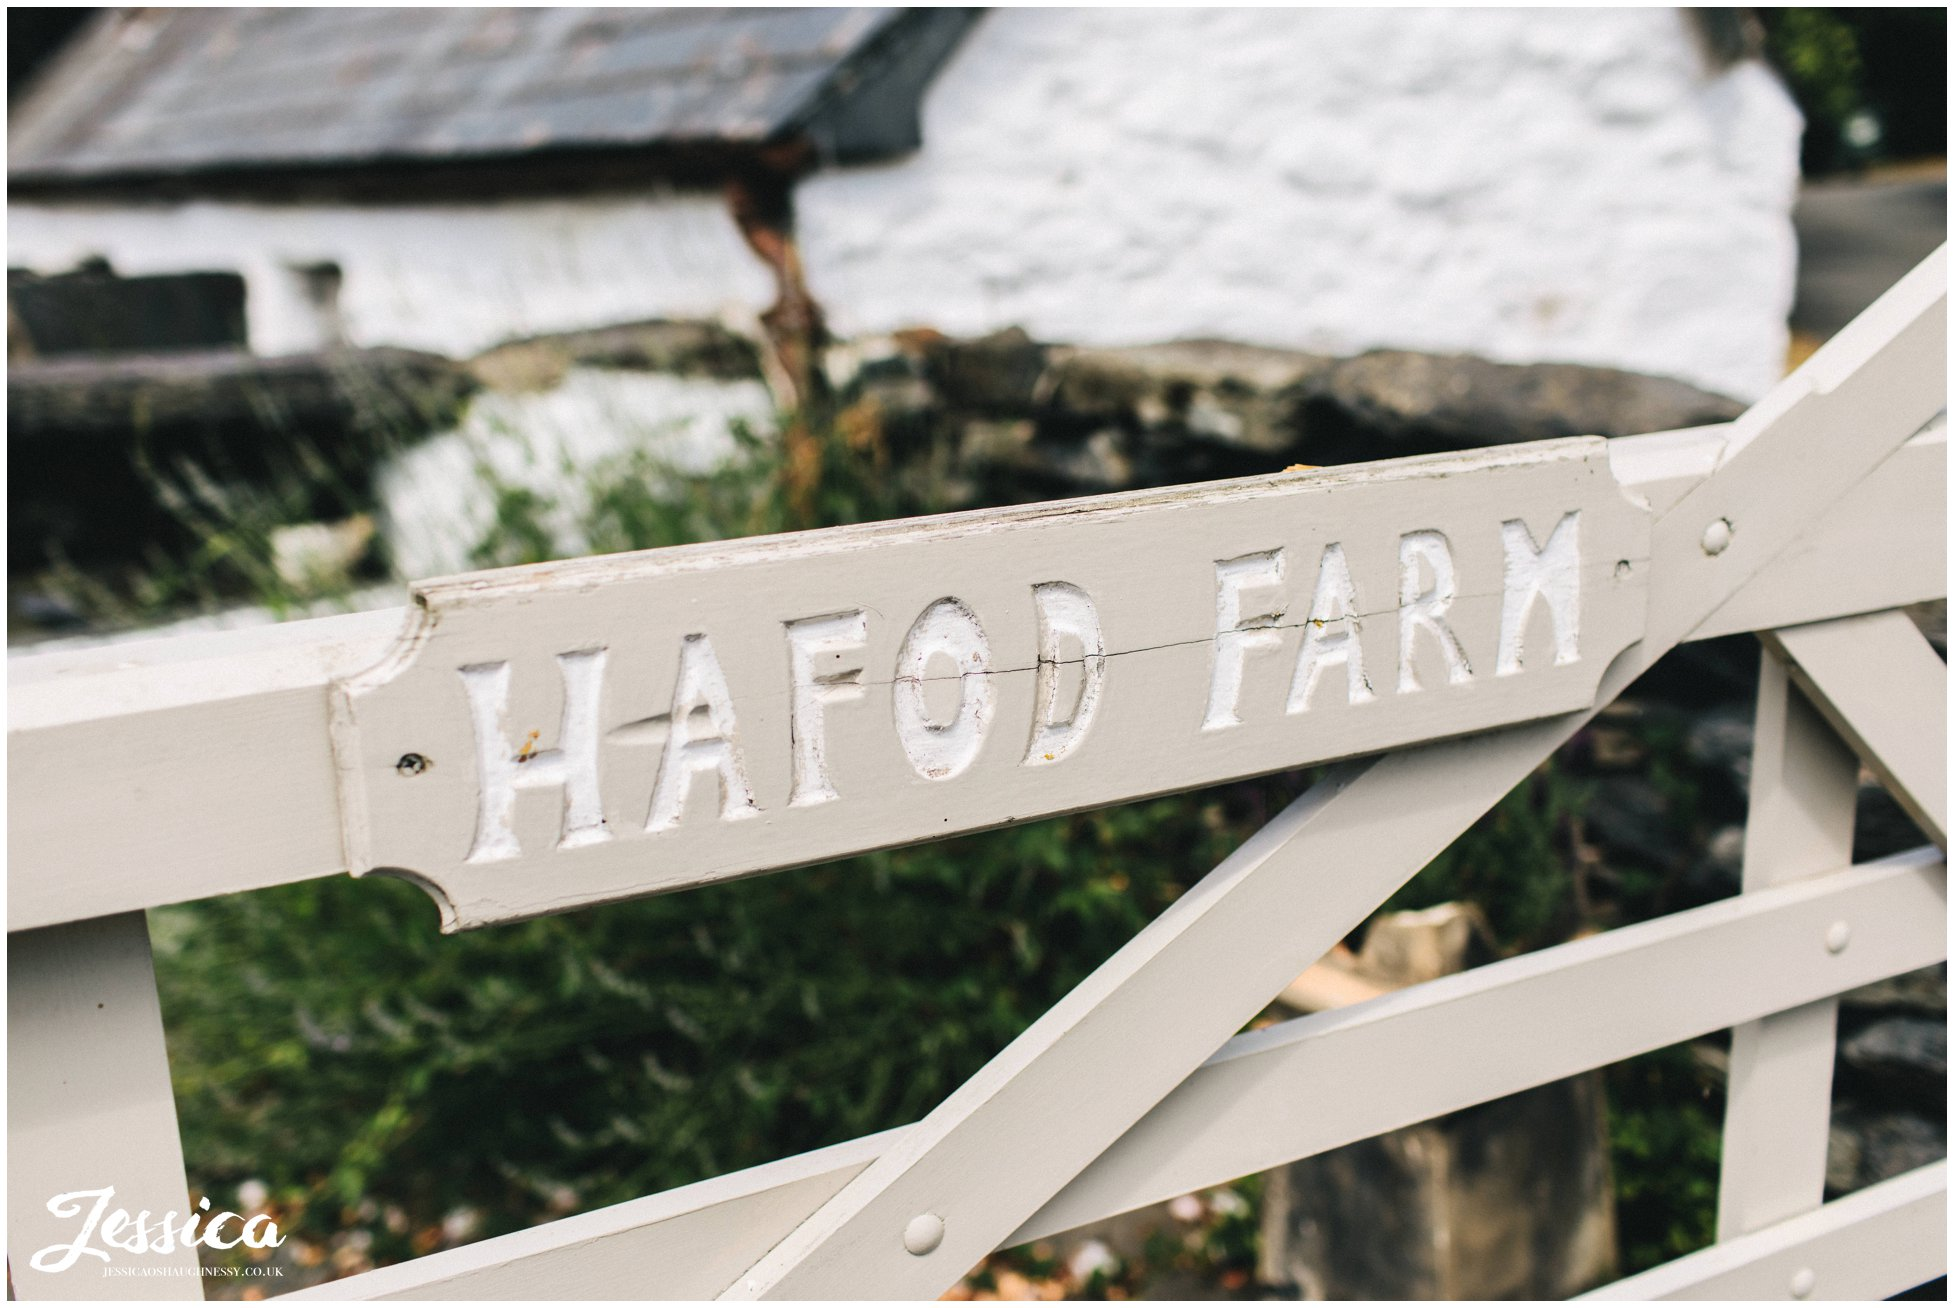 A Hafod Farm wedding in North Wales